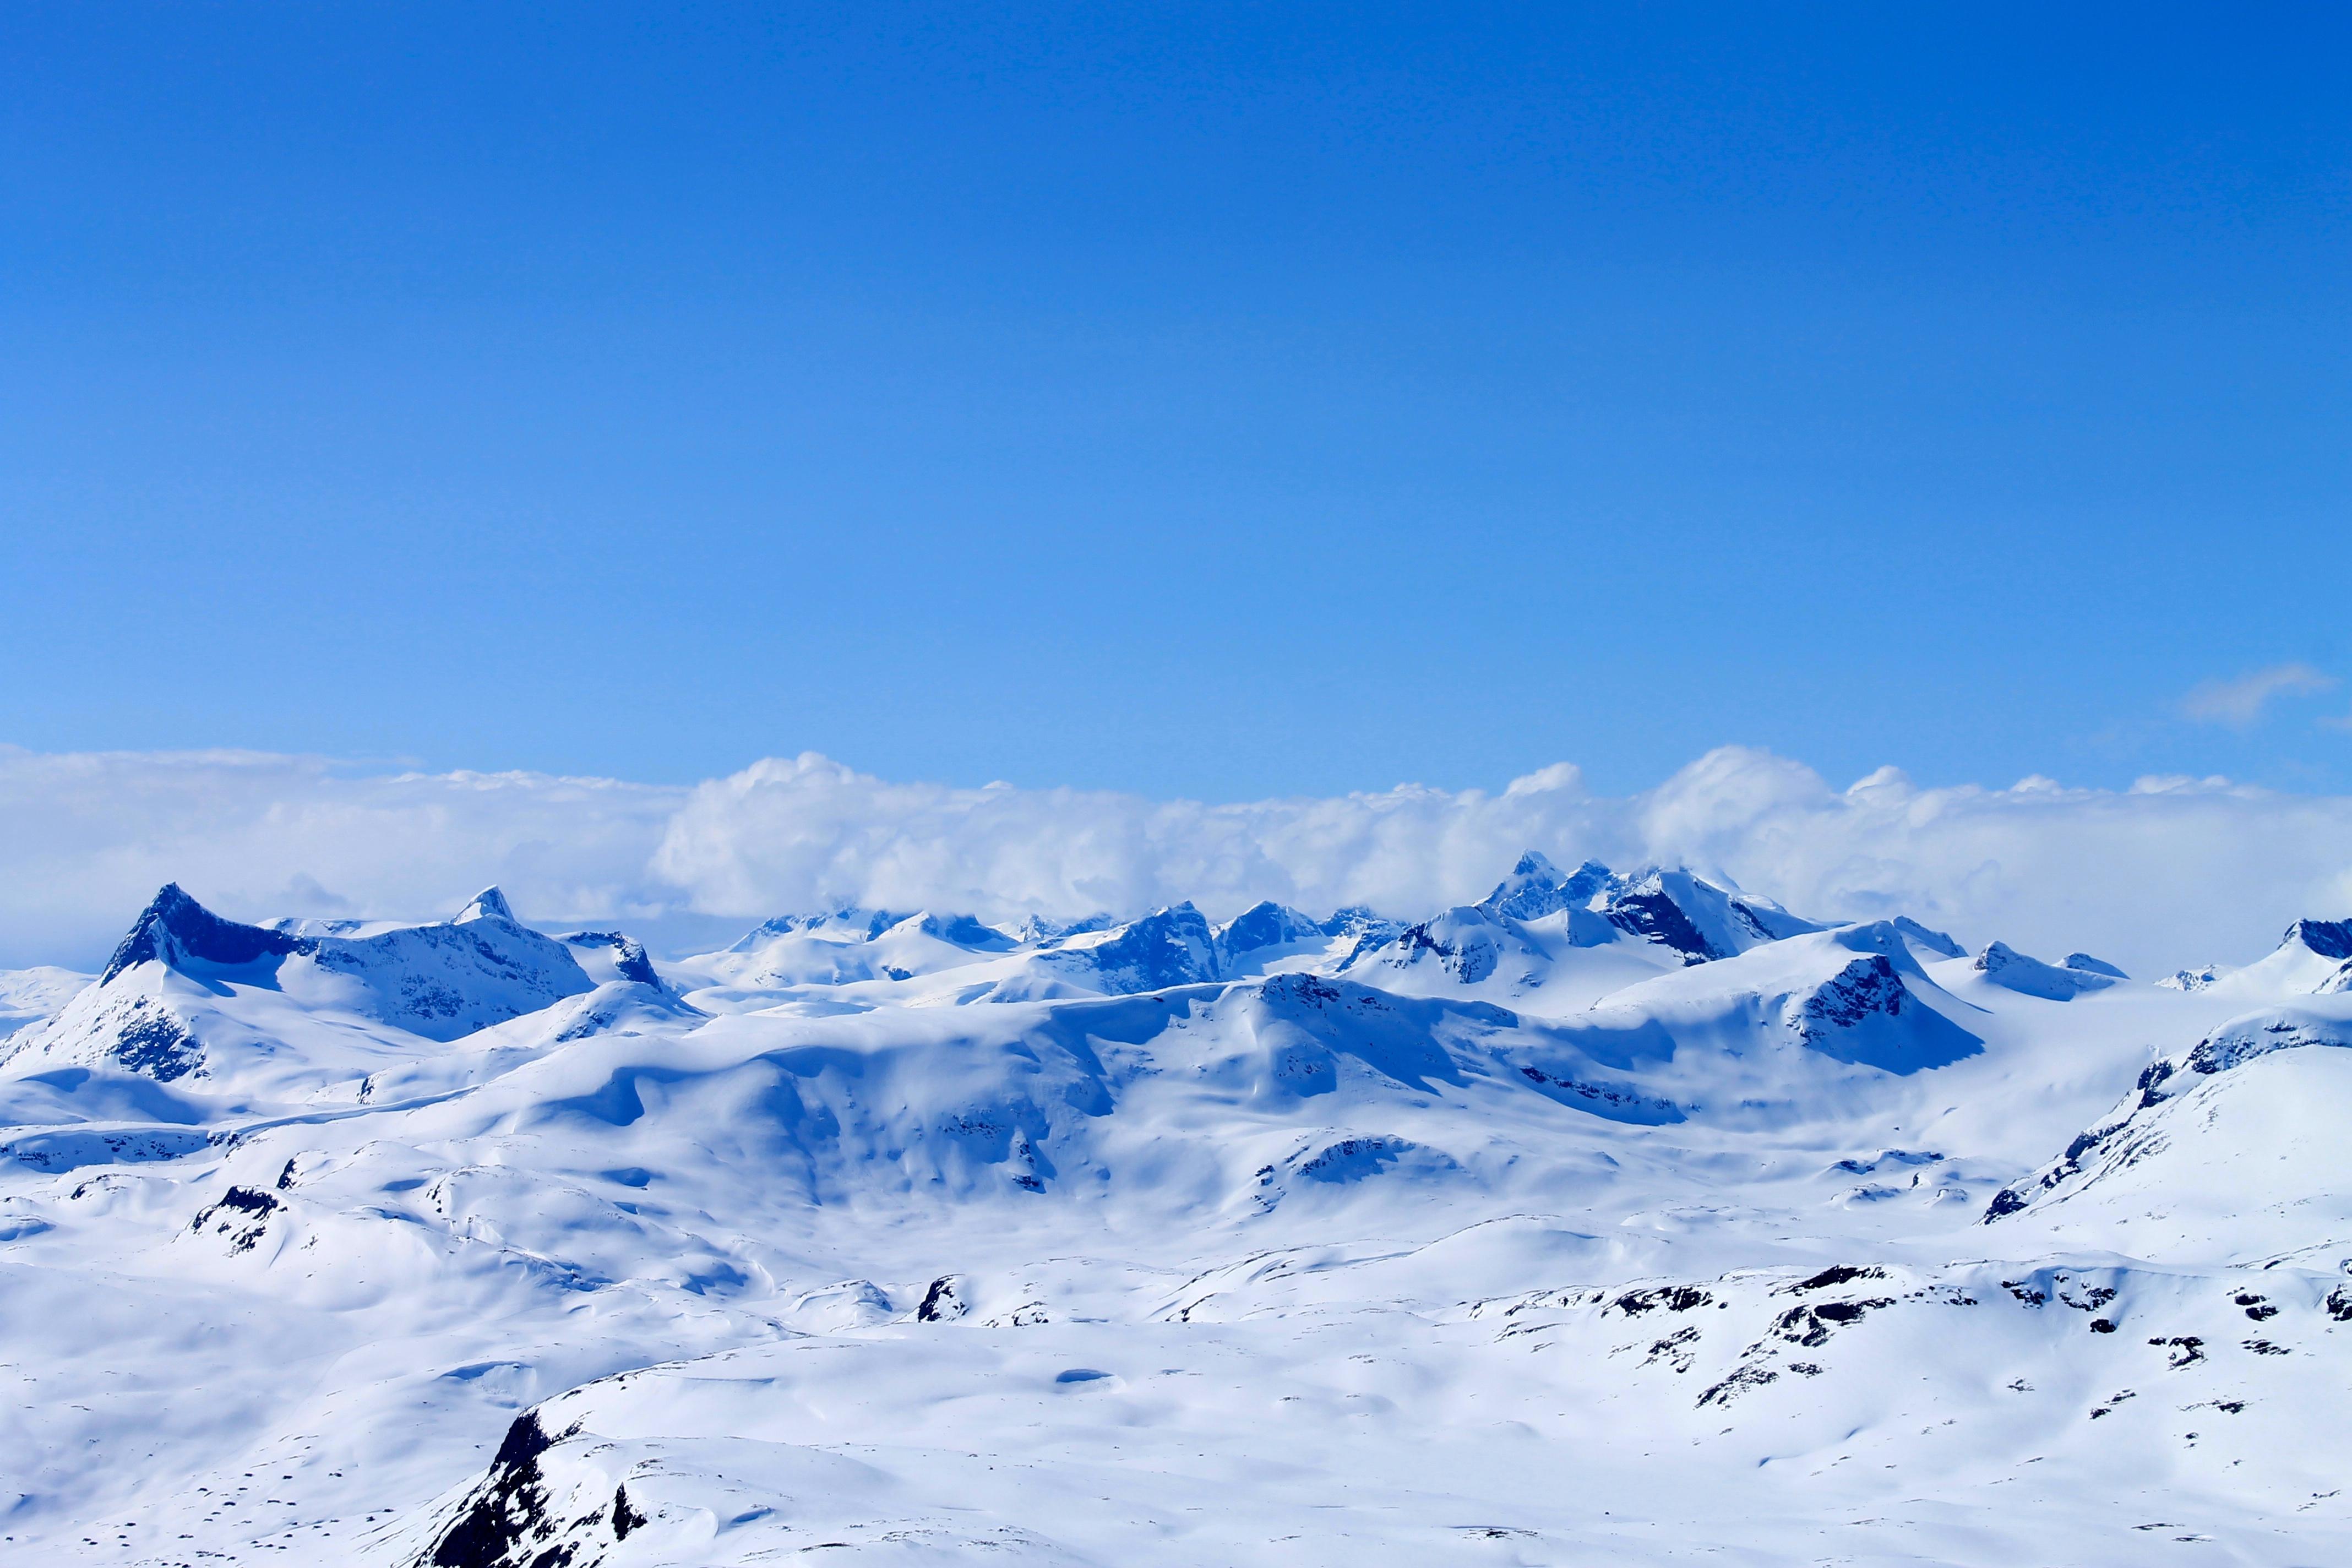 Langeskavlen i Jotunheimen er den lange fjellryggen midt i bildet som leder frem mot Langeskavltind (2.014 moh) til høyre.